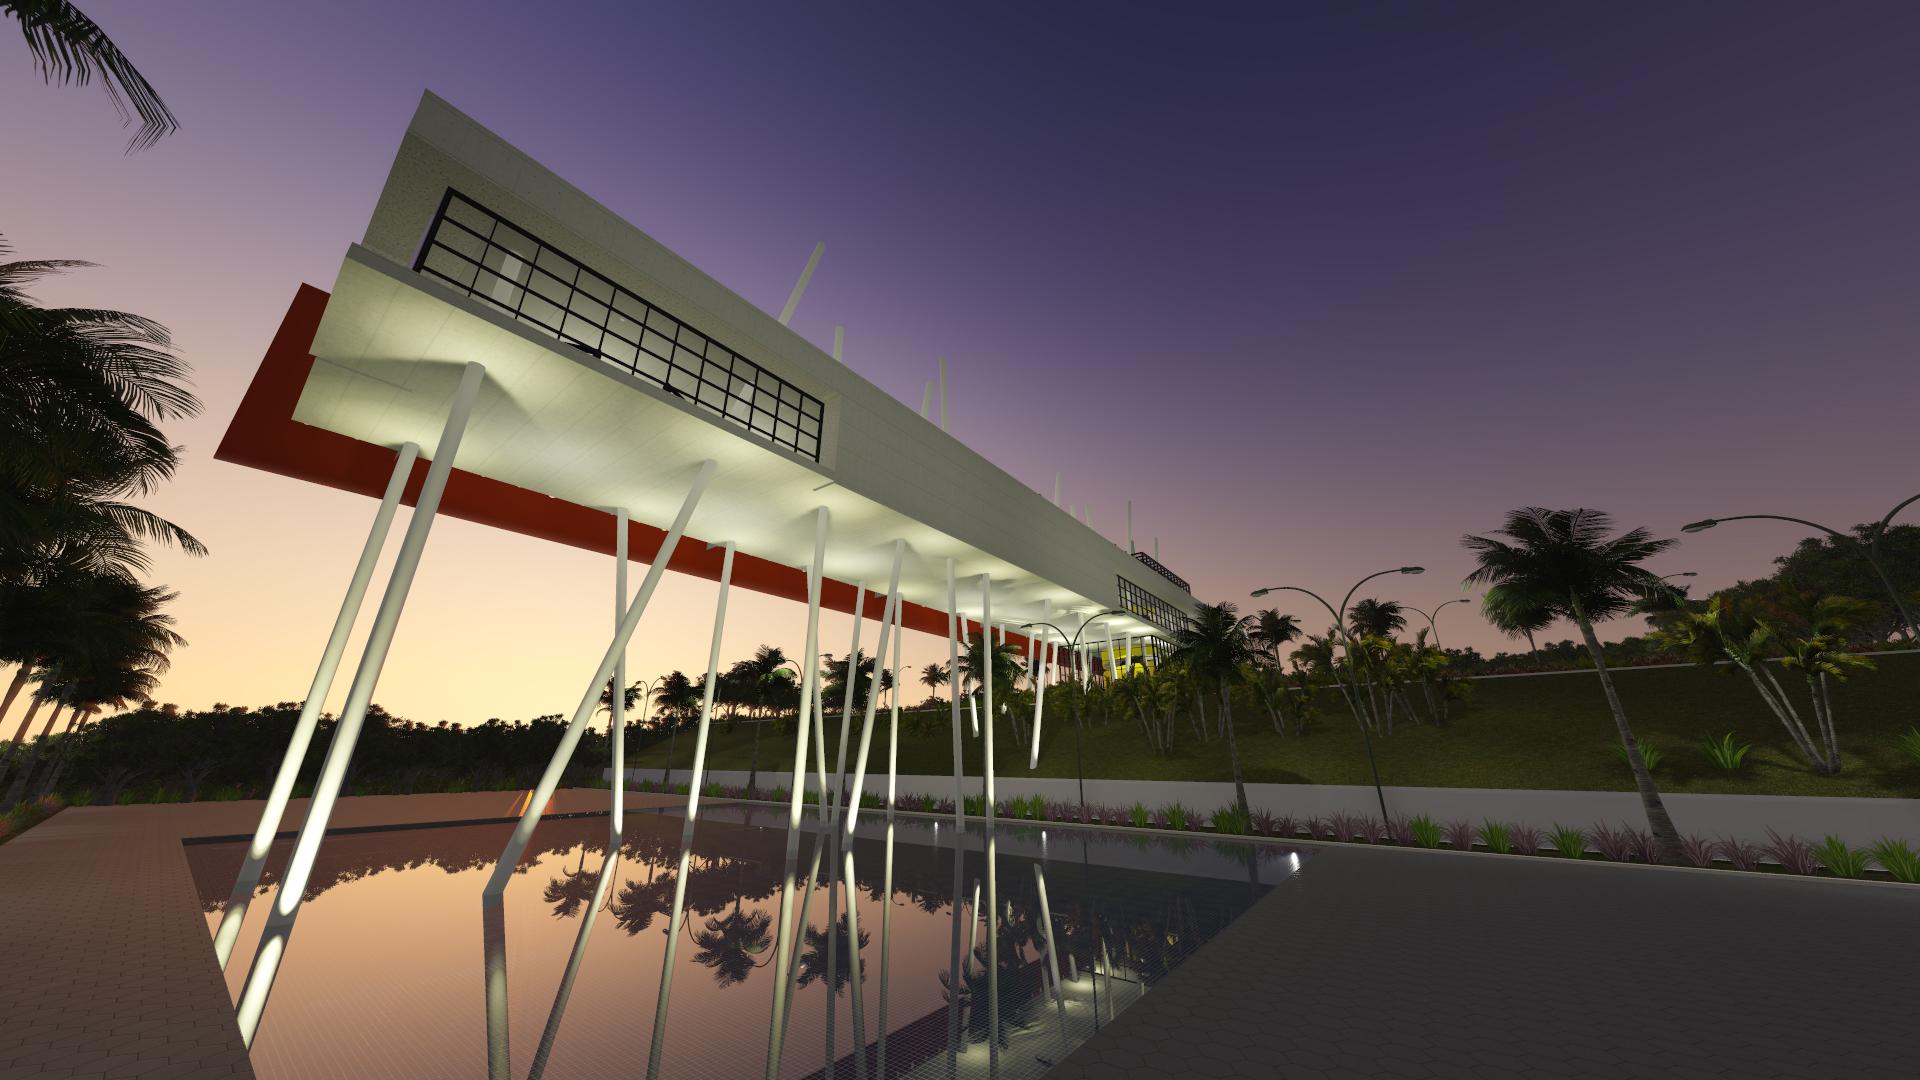 projeto-arquitetonico-museumacaiba-duo-arquitetura-02.jpg